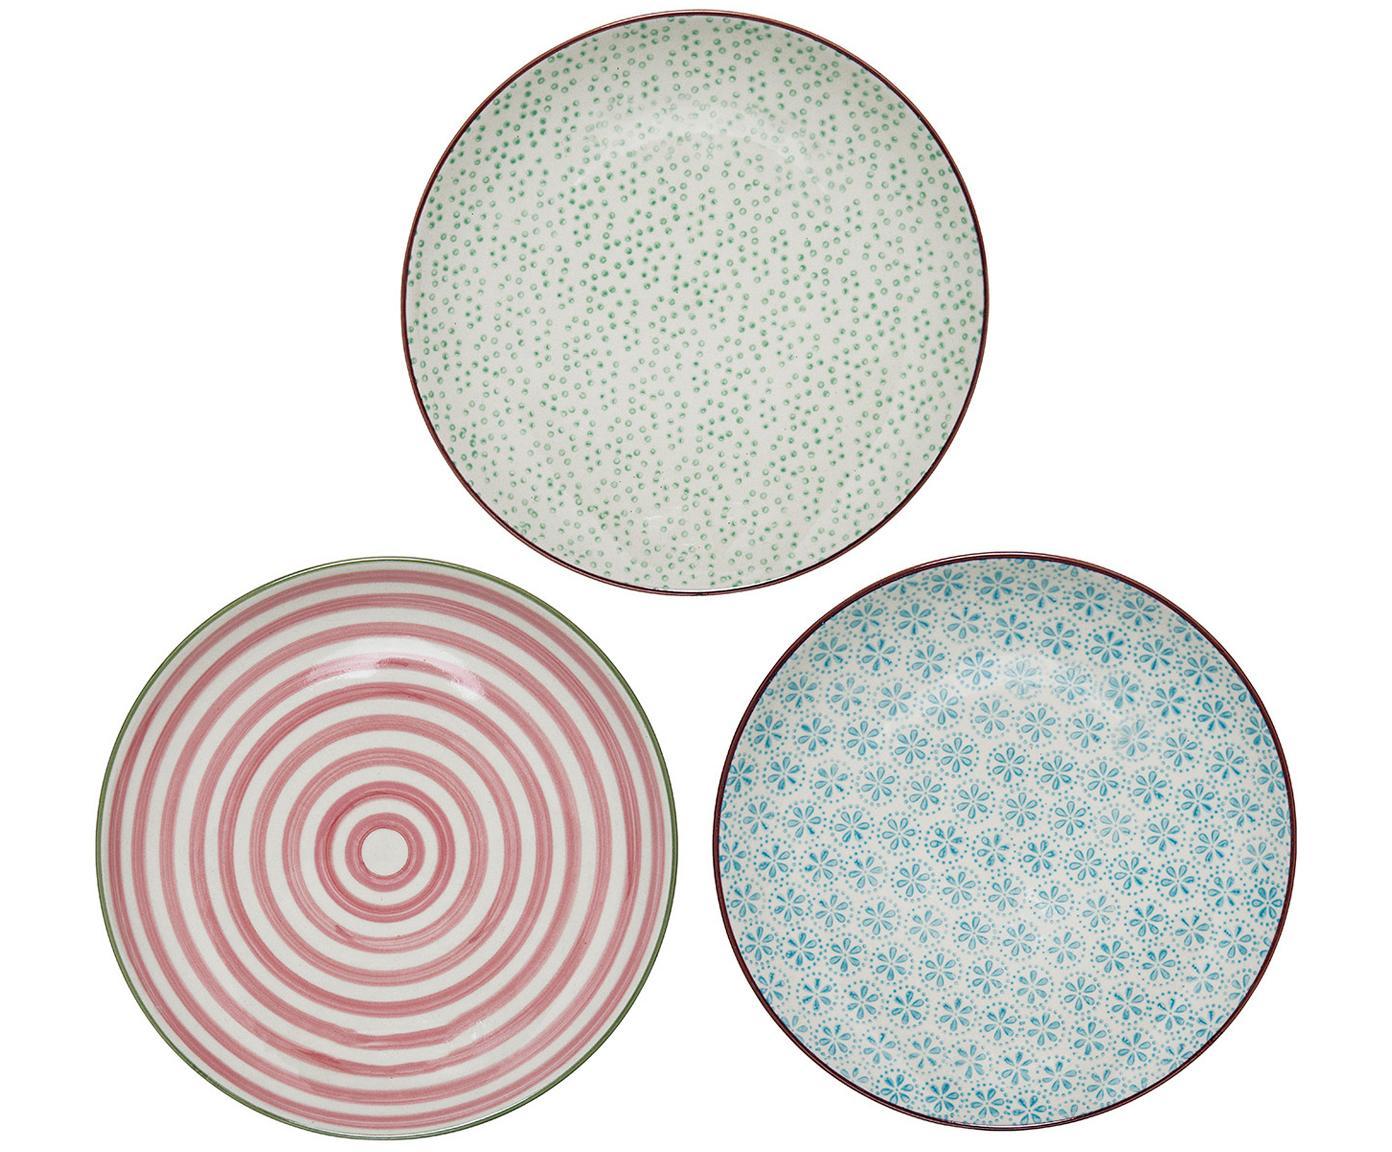 Set 3 piatti da colazione Patrizia, Terracotta, Bianco, verde, rosso, blu, Ø 20 cm